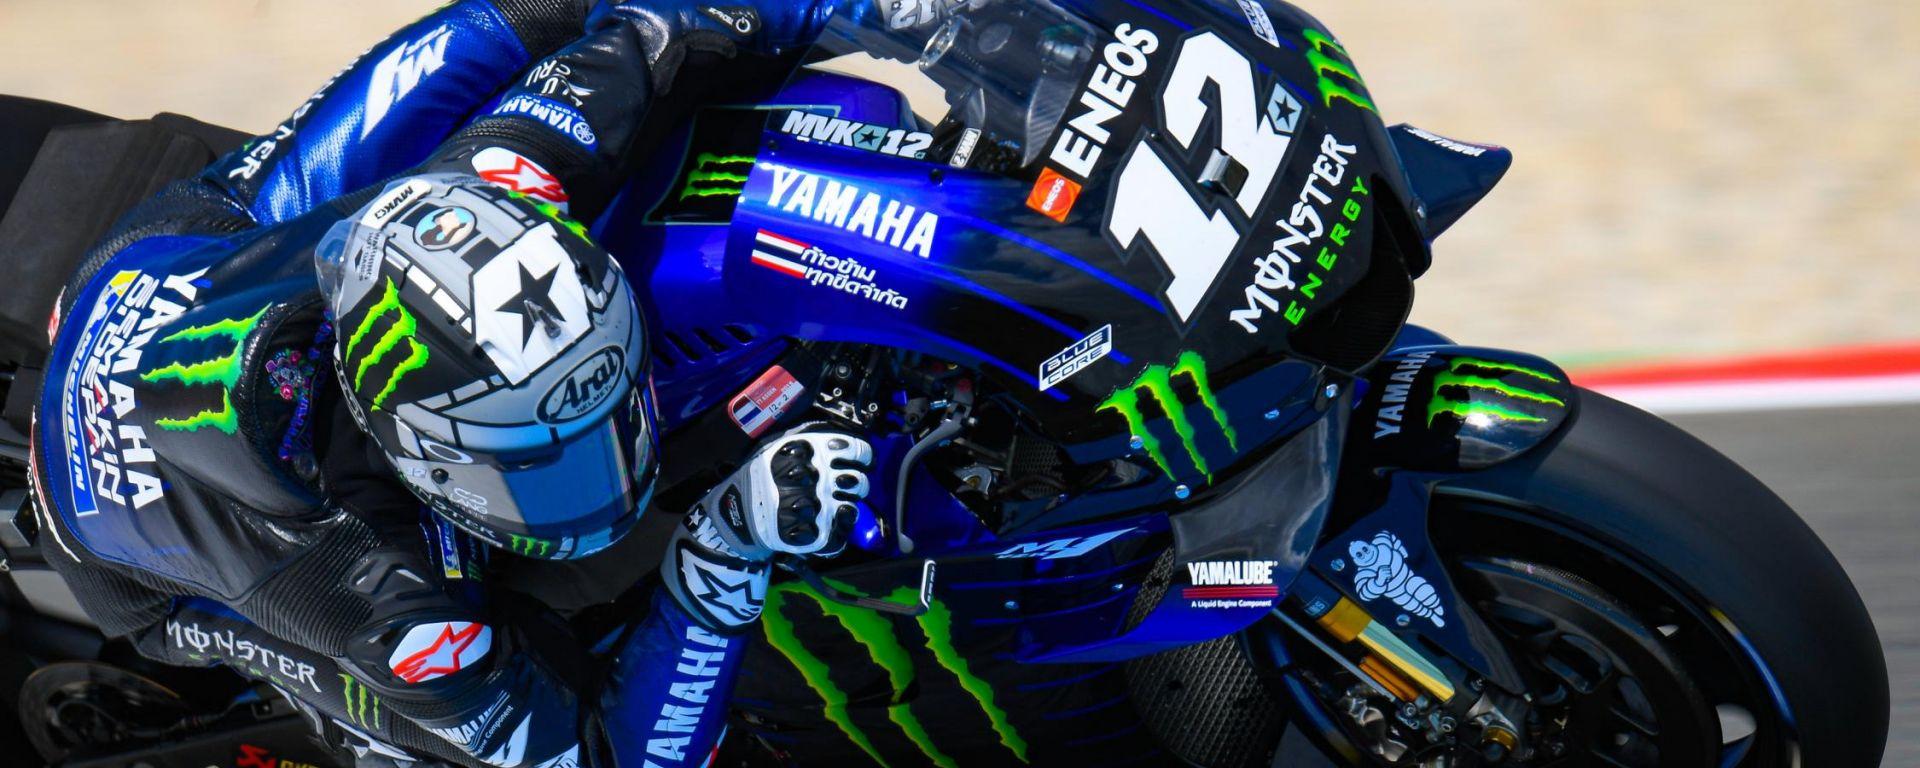 GP Olanda 2019, FP2, Maverick Vinales (Yamaha)